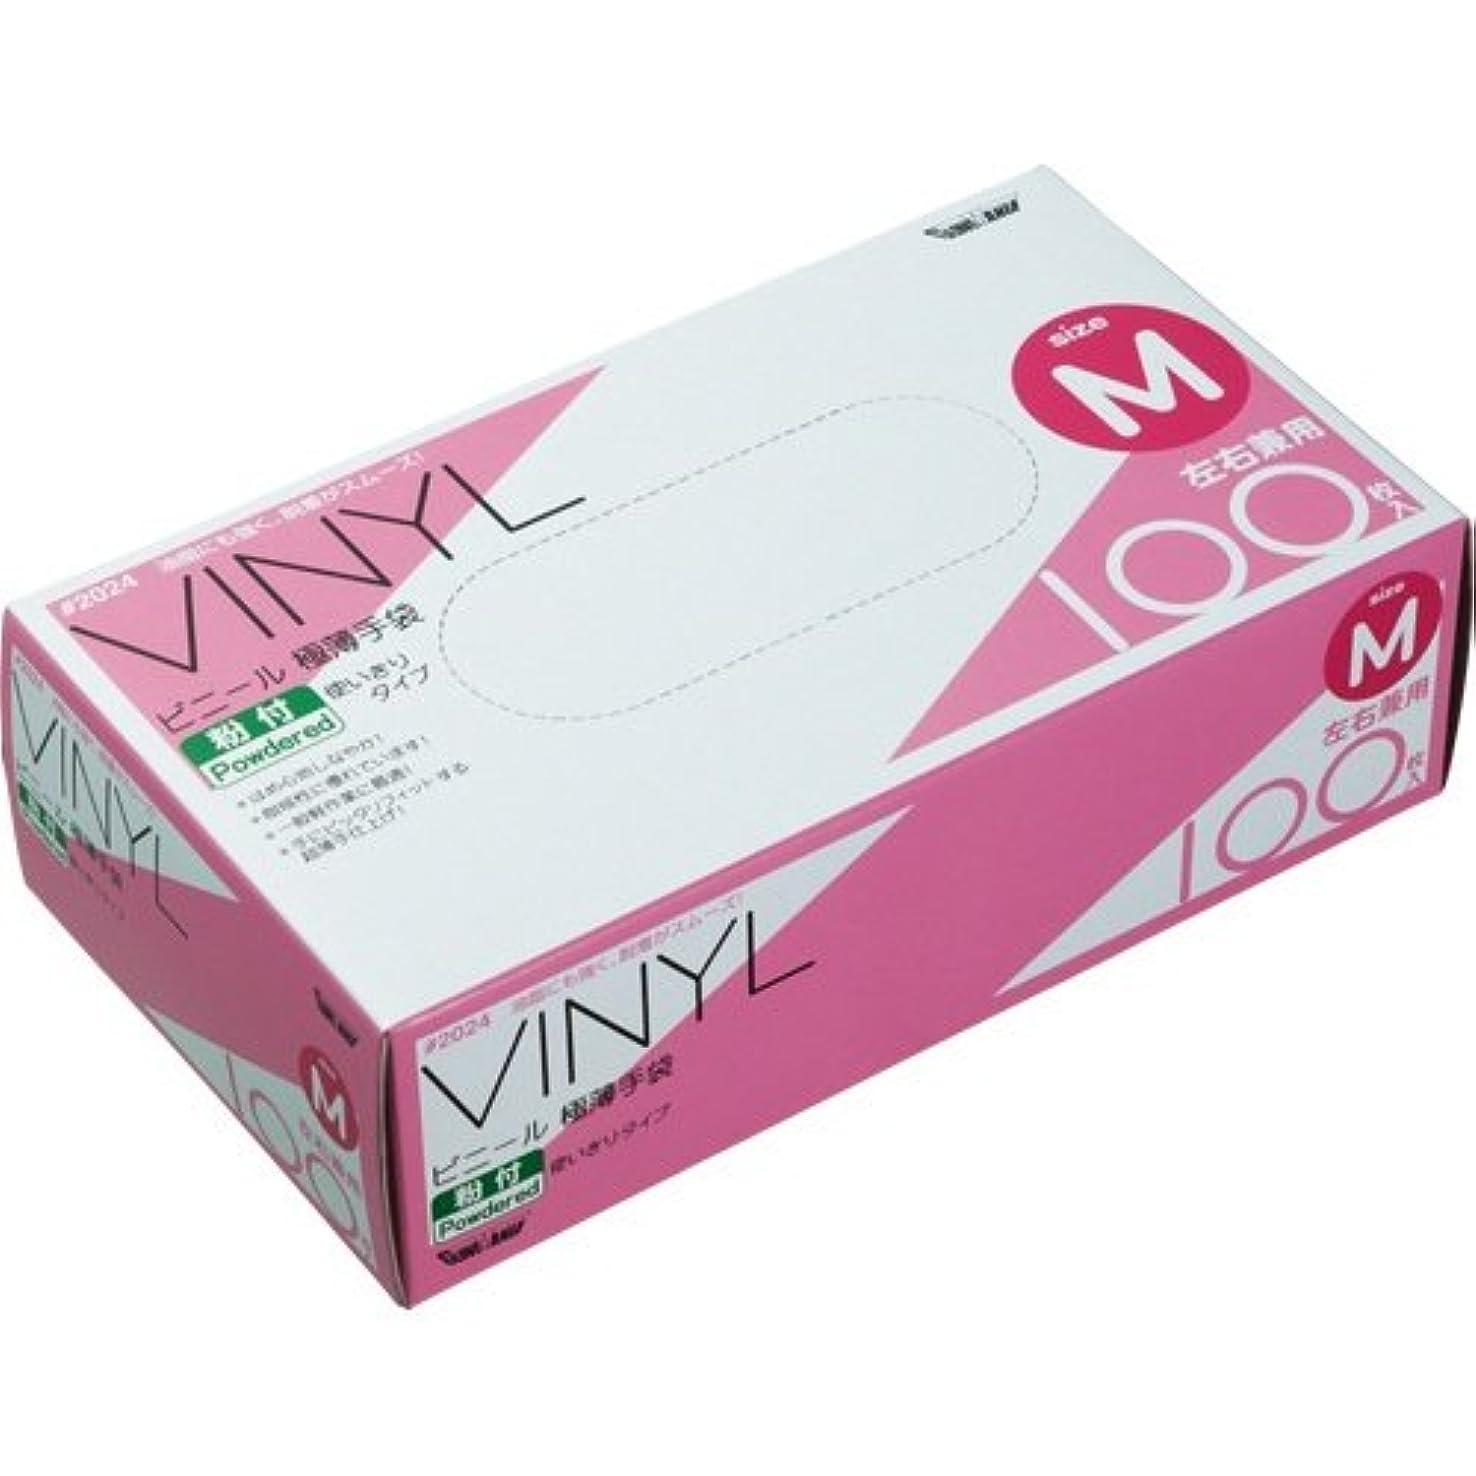 一元化するあたたかい社説川西工業 ビニール極薄手袋 粉付 M #2024 1セット(2000枚:100枚×20箱)